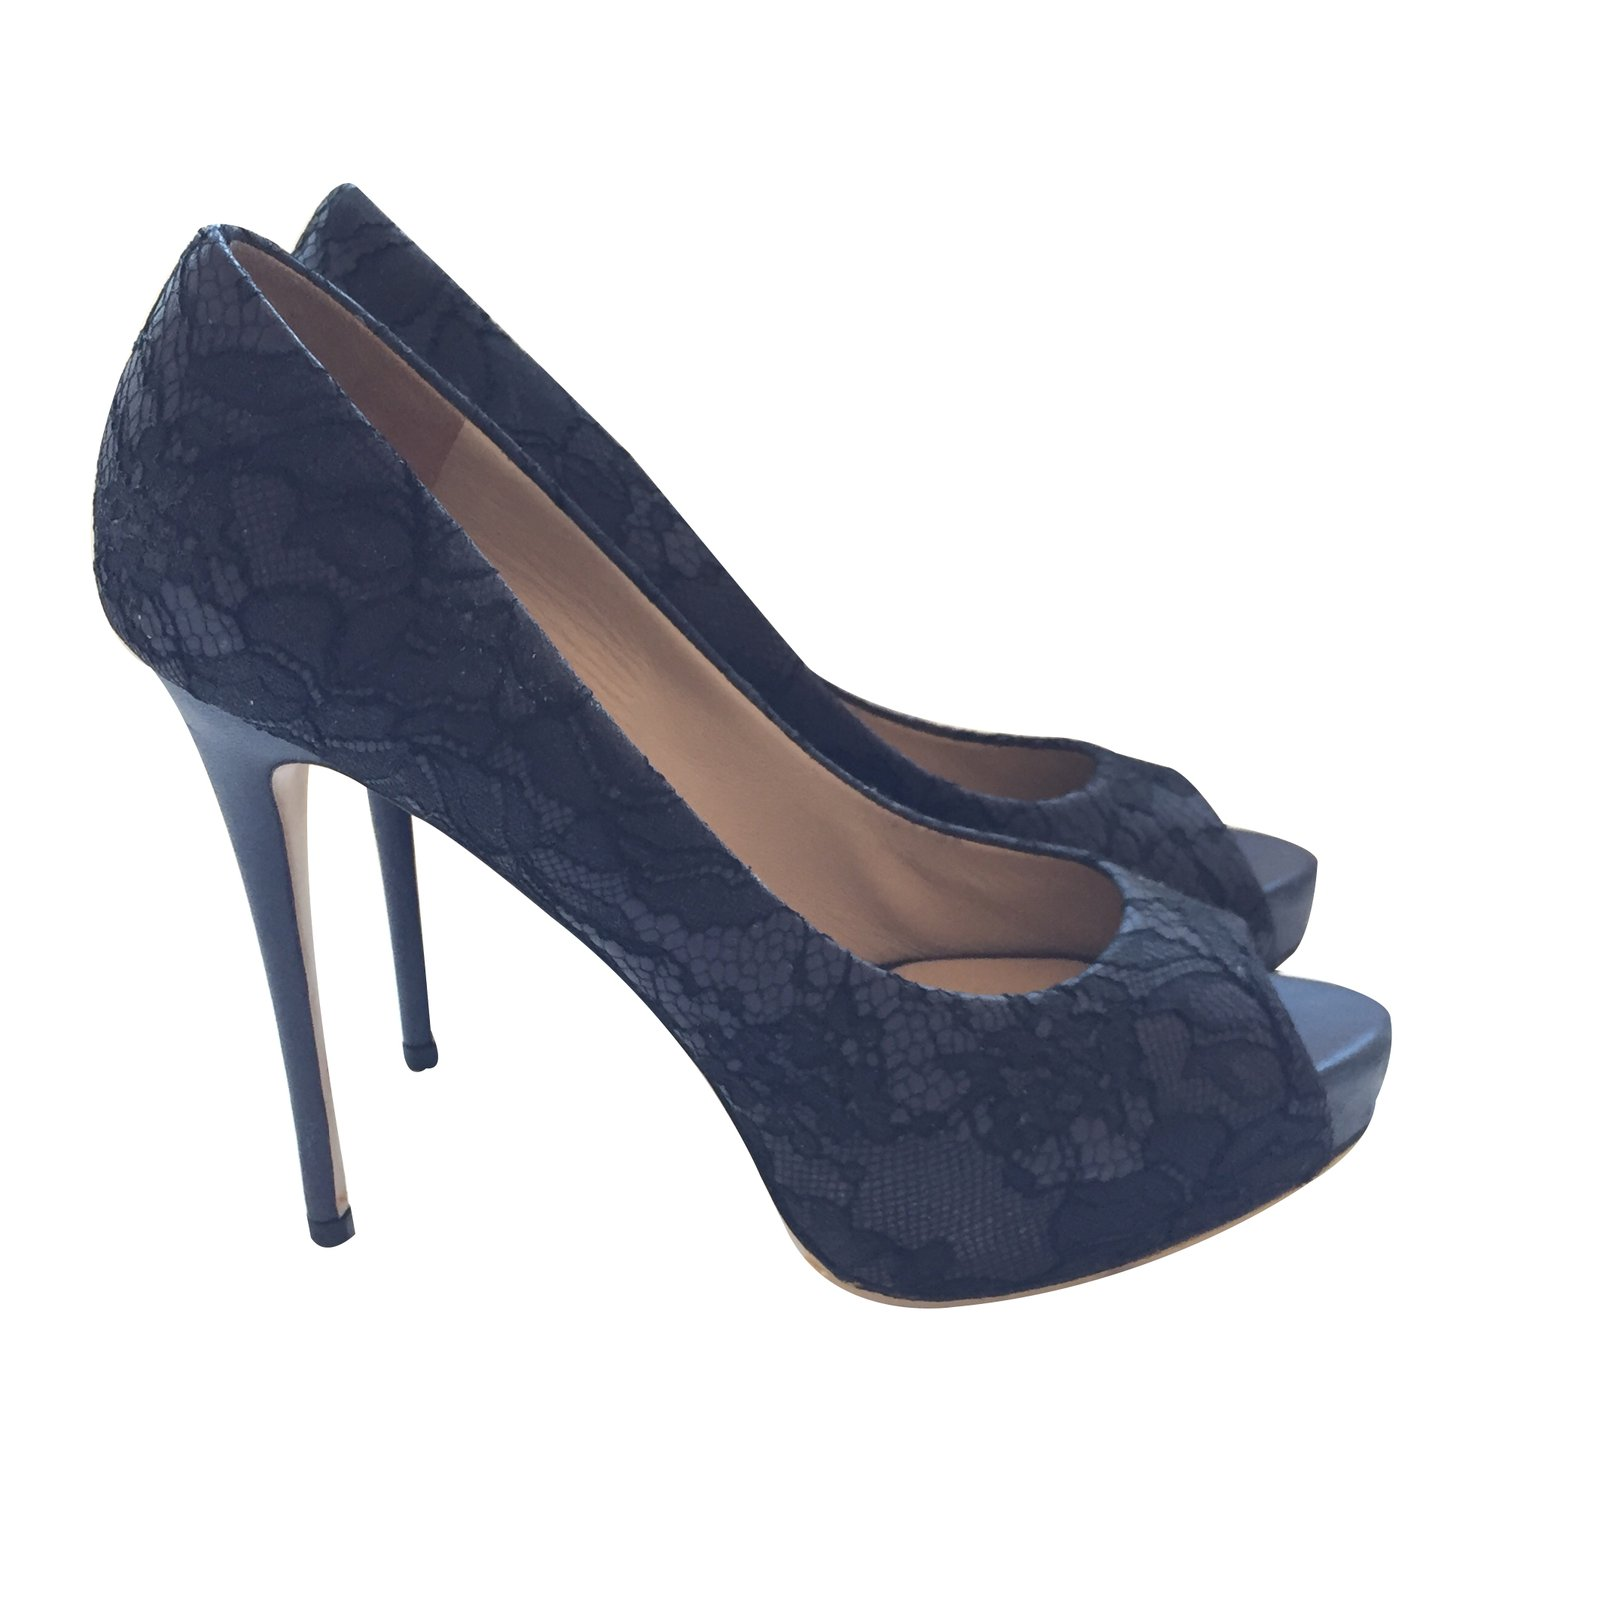 escarpins valentino escarpins cuir bleu joli closet. Black Bedroom Furniture Sets. Home Design Ideas